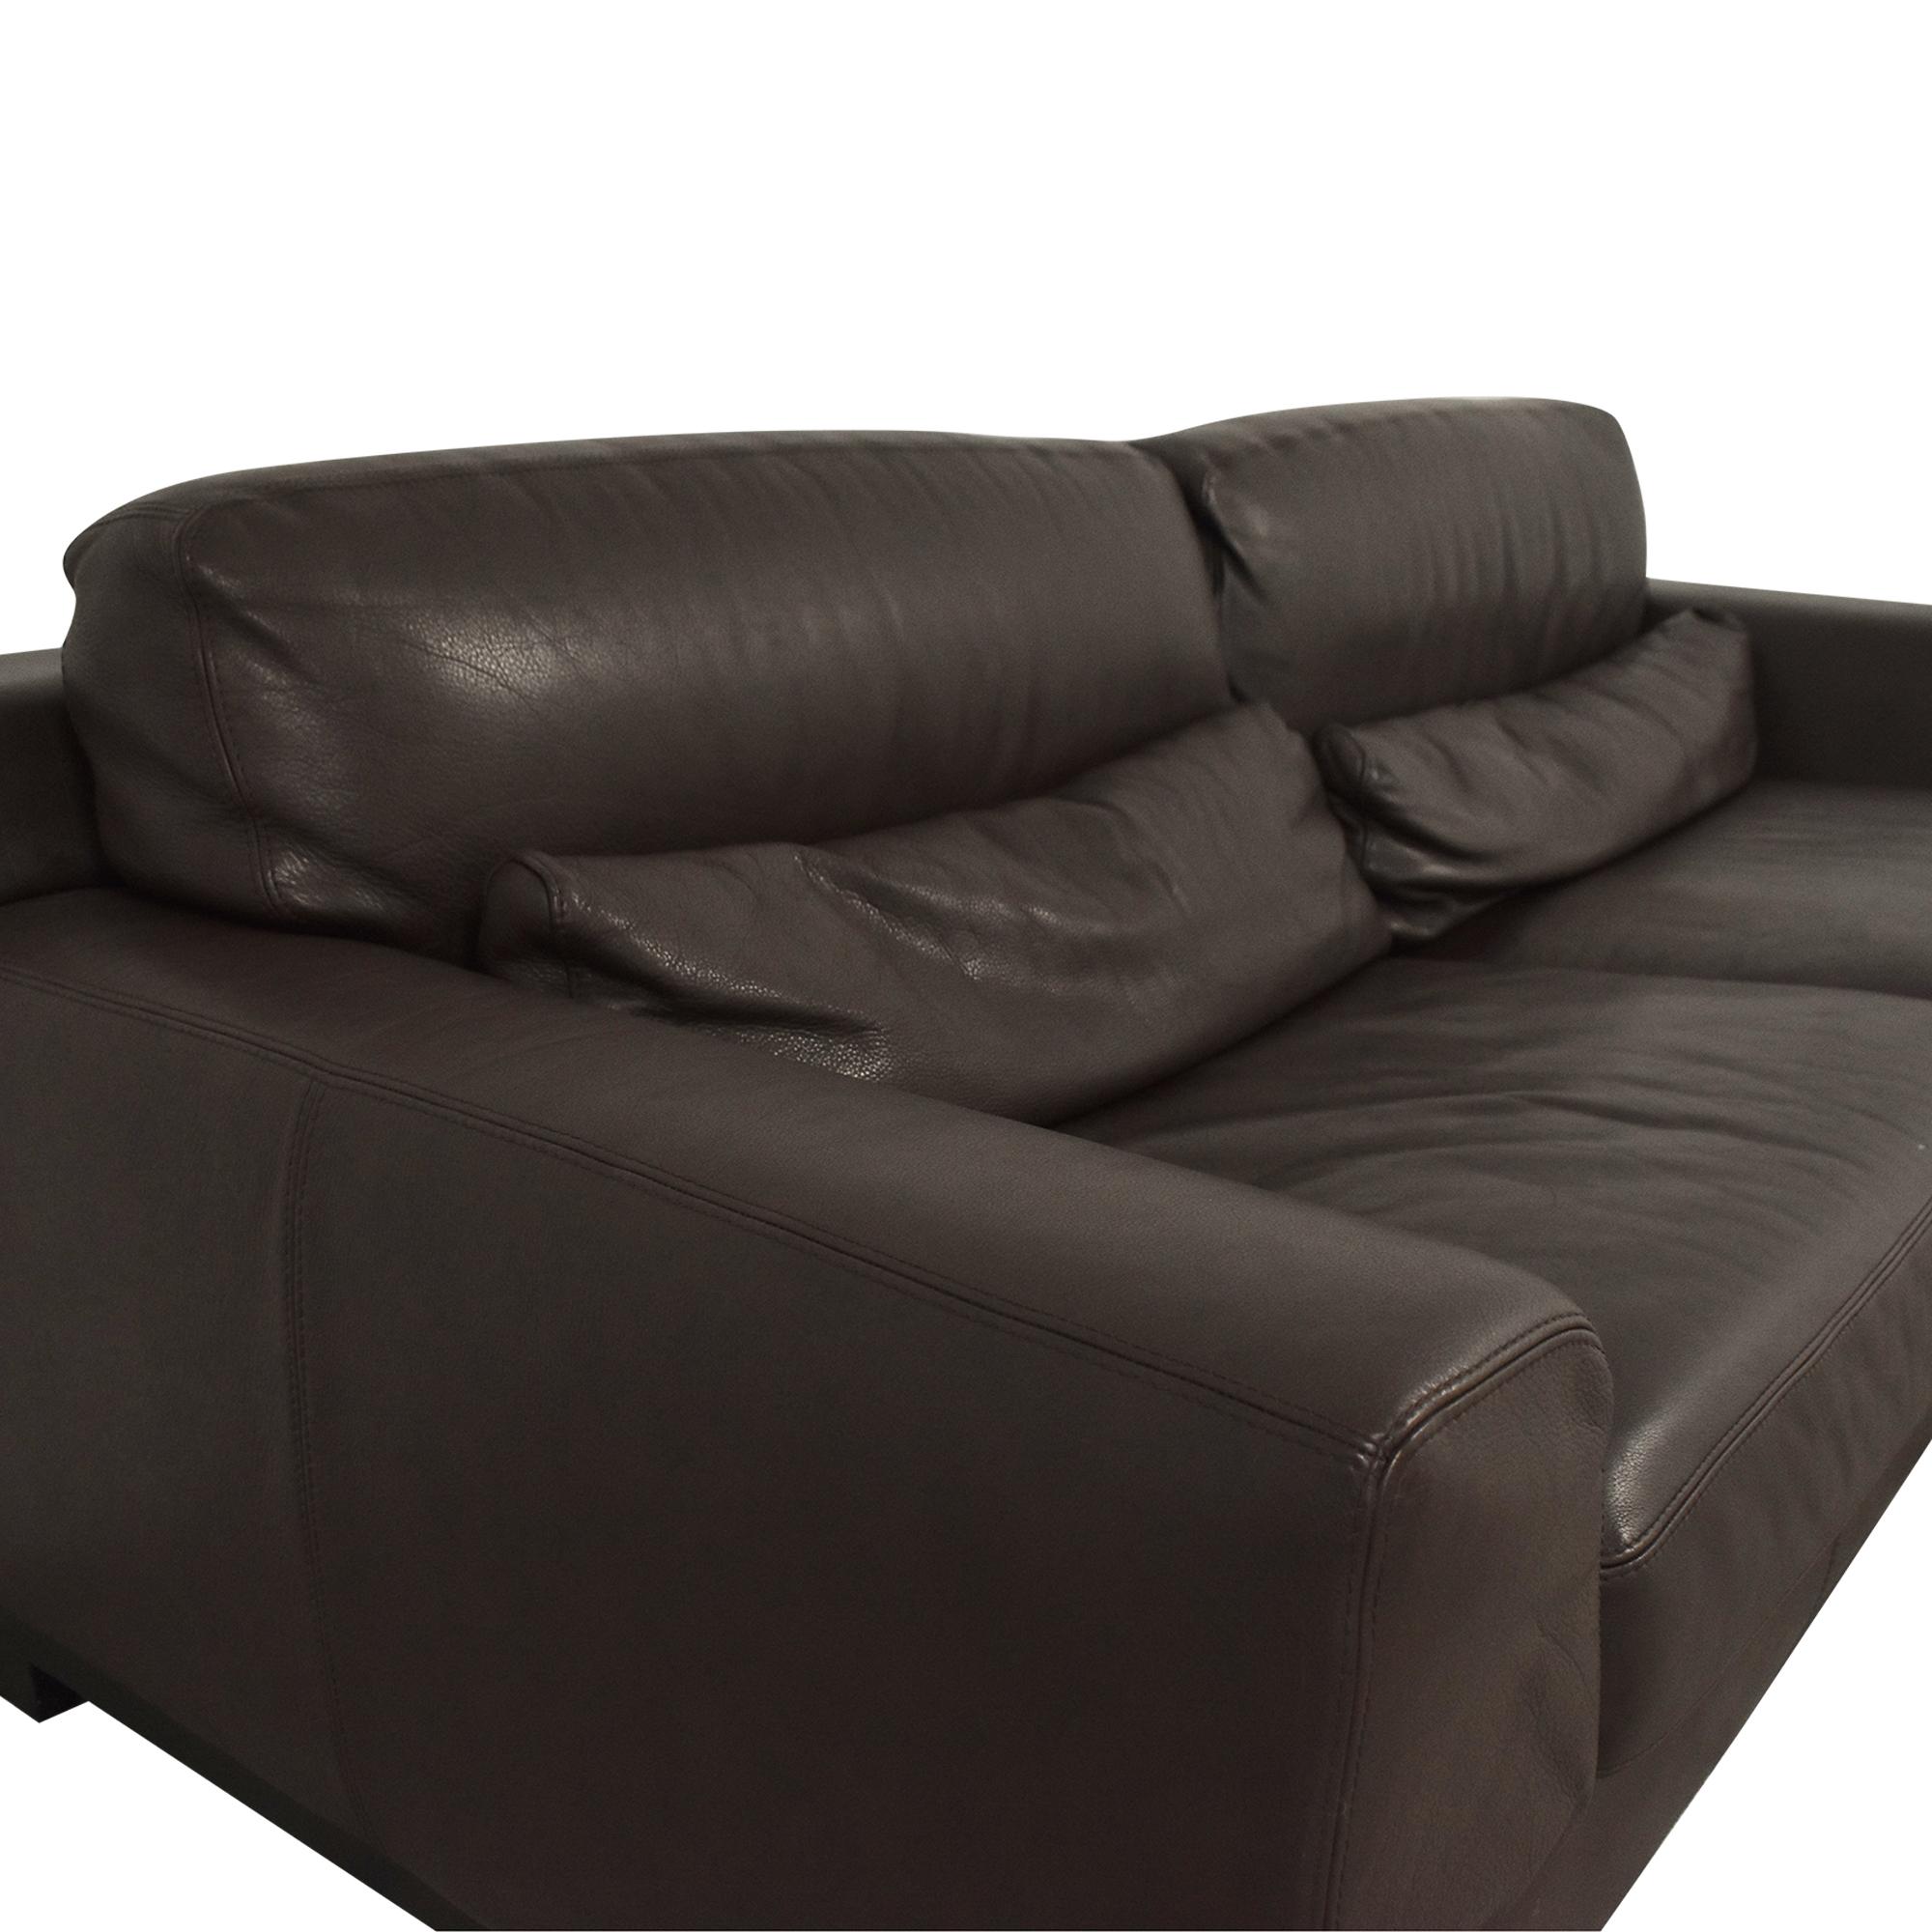 Natuzzi Natuzzi Editions Leather Sofa on sale